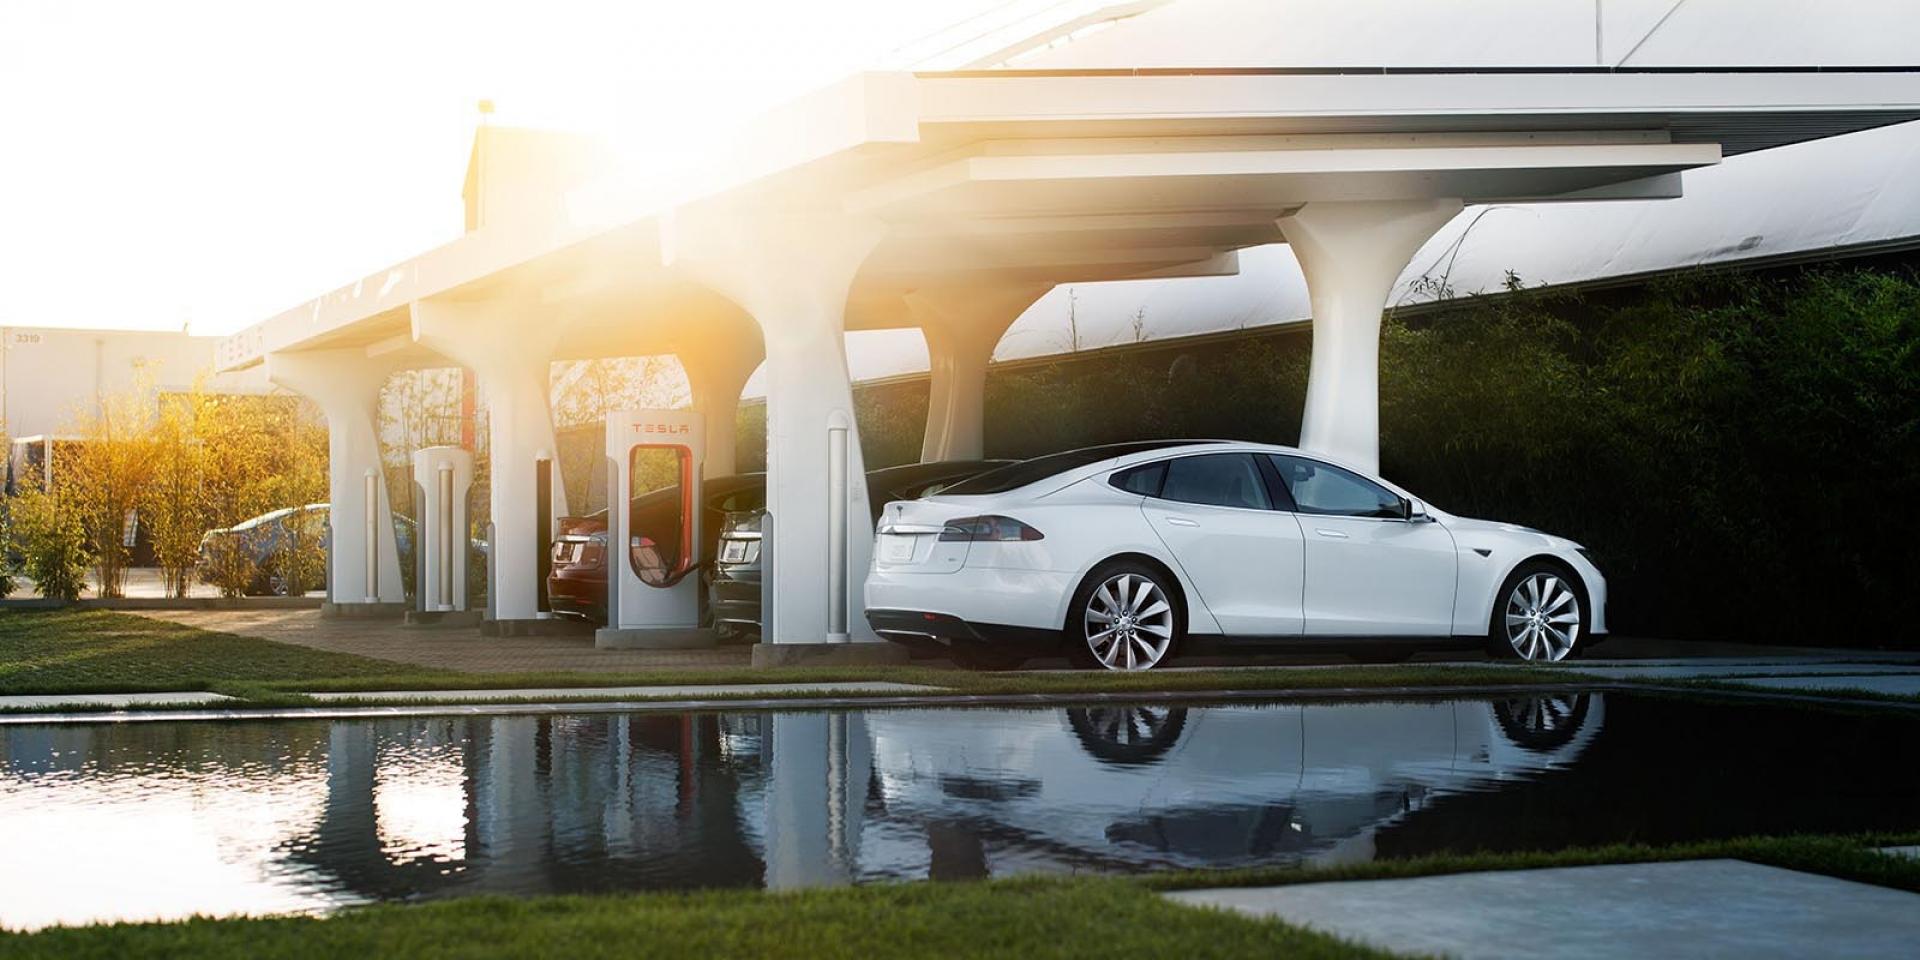 官方新聞稿。Tesla 即將於 10 月 15 日開始收取超級充電費 熱門三站點優先實施尖離峰差別定價